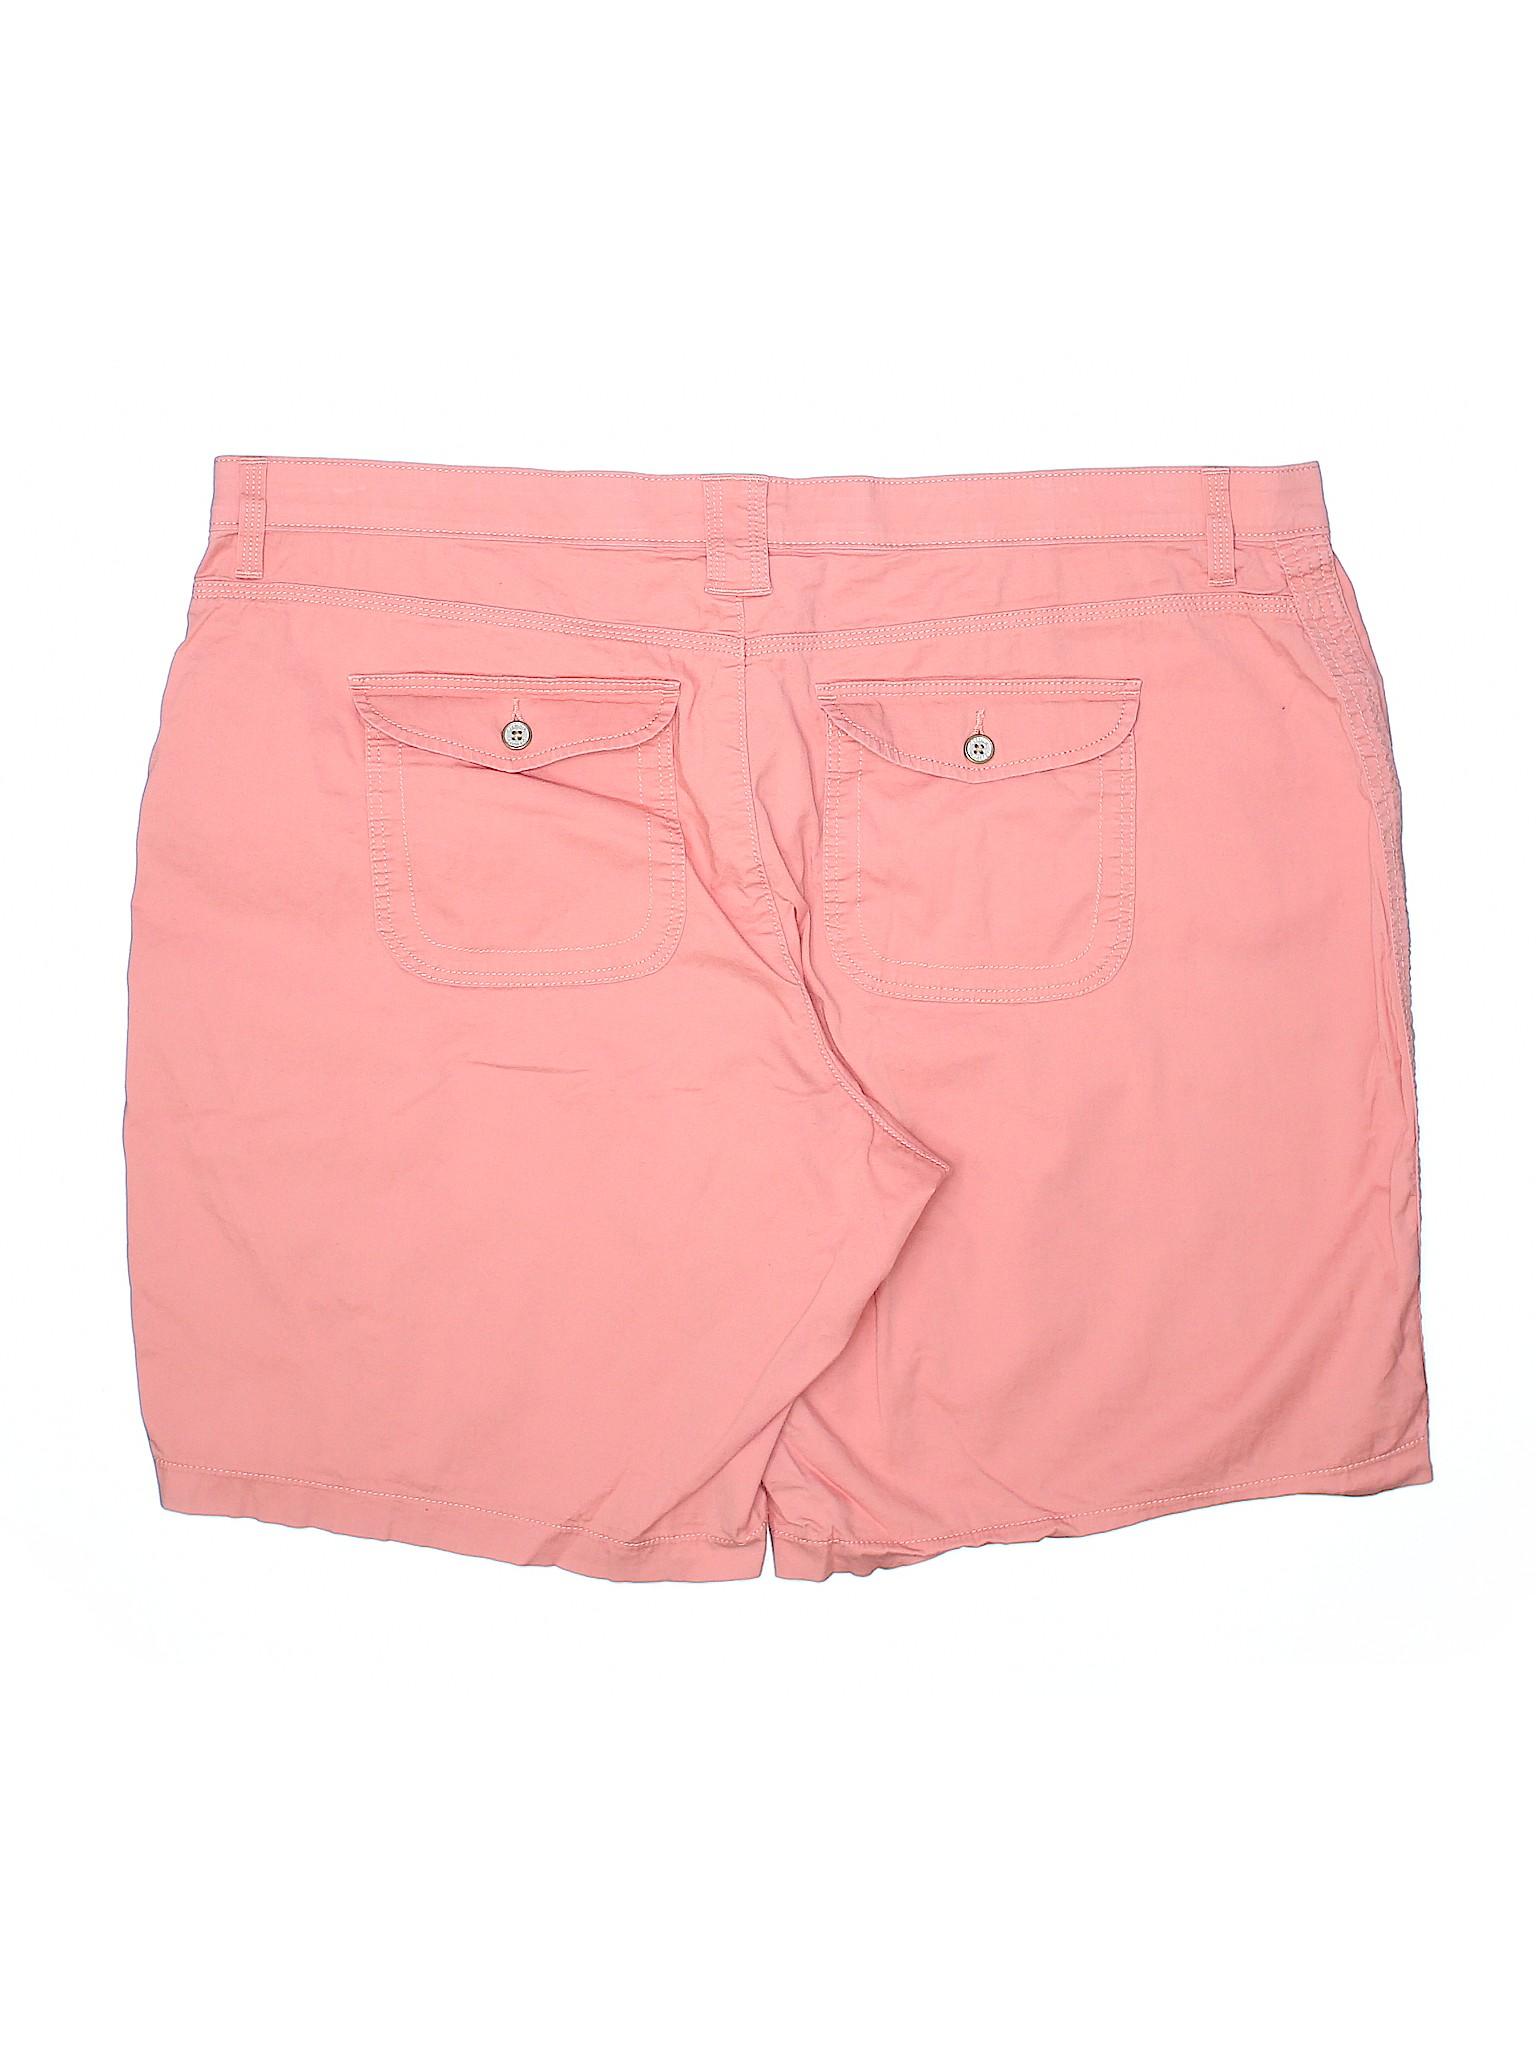 Boutique Shorts Shorts Lee leisure leisure Boutique Khaki Khaki Lee Lee leisure Boutique Khaki qp7CBf5x